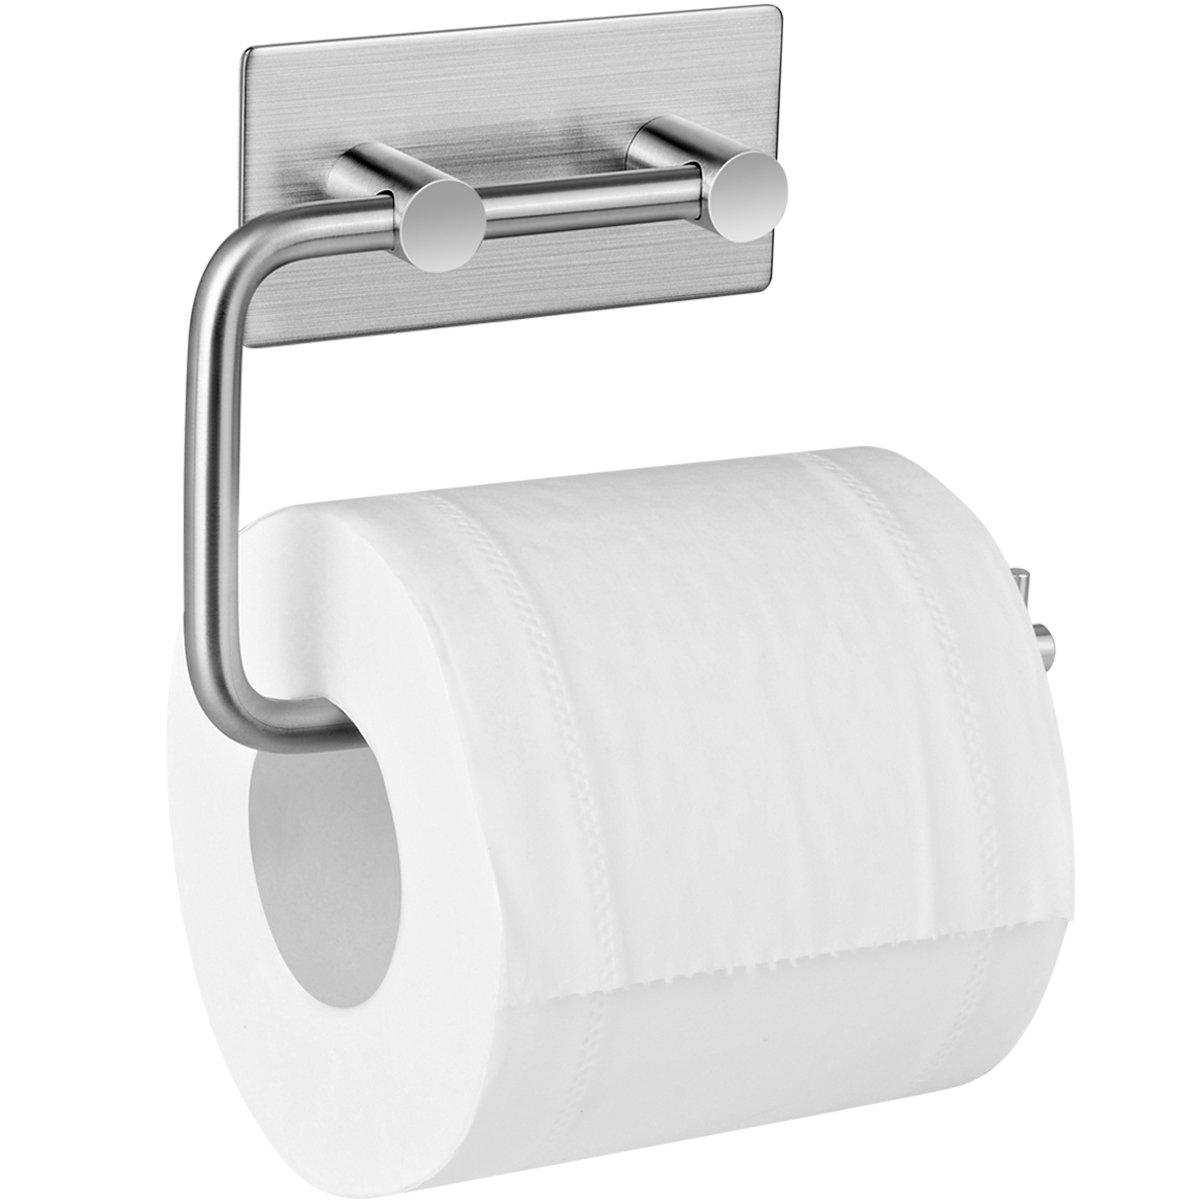 Mejor valorados en Toalleros para baño   Opiniones útiles de ... d7955d3e52bd